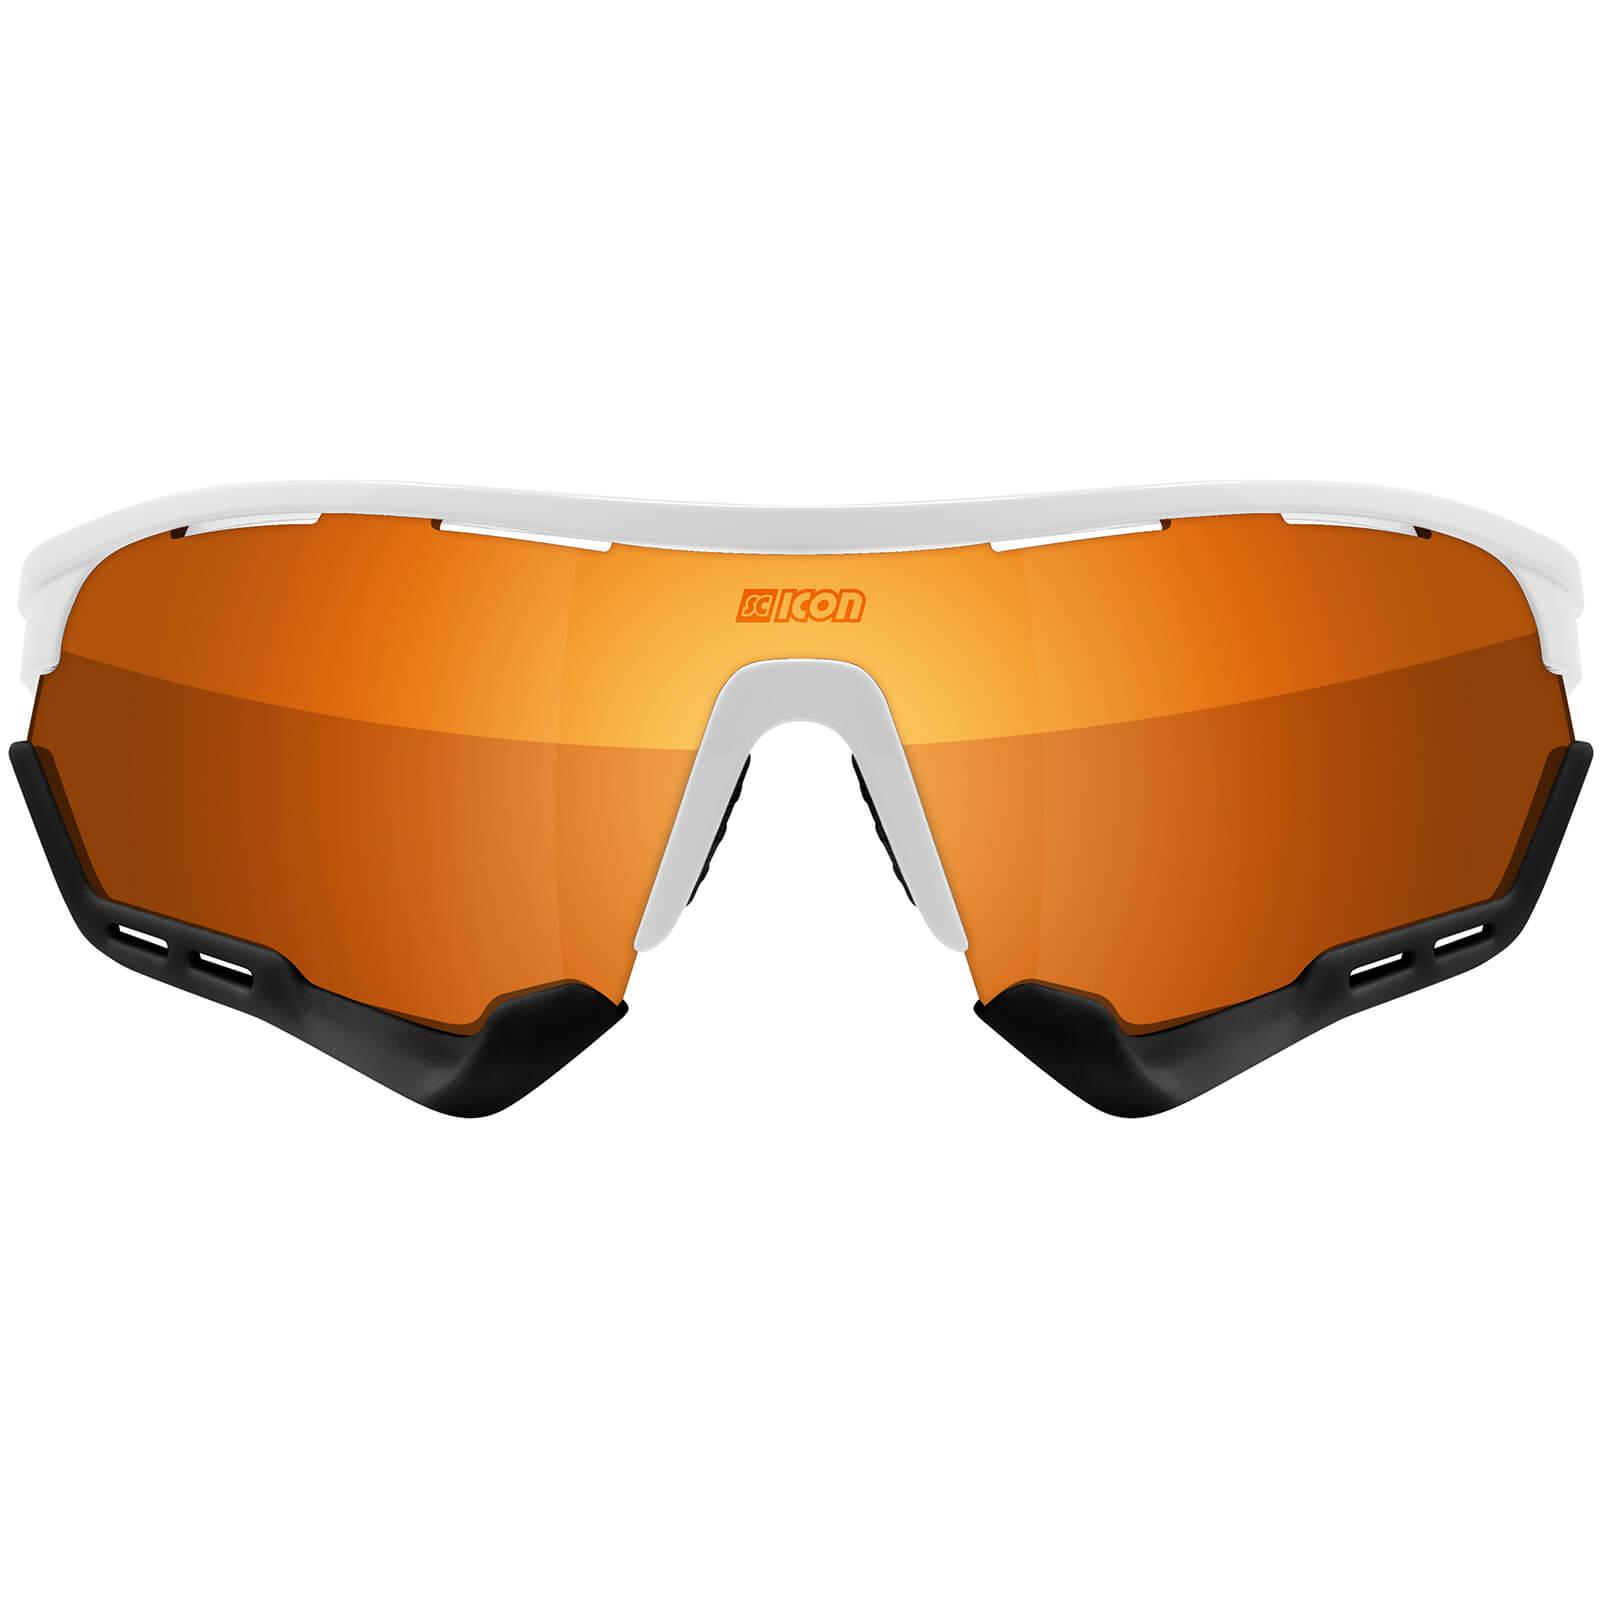 Scicon Aerotech XL Road Sunglasses - White Gloss - Multilaser Bronze